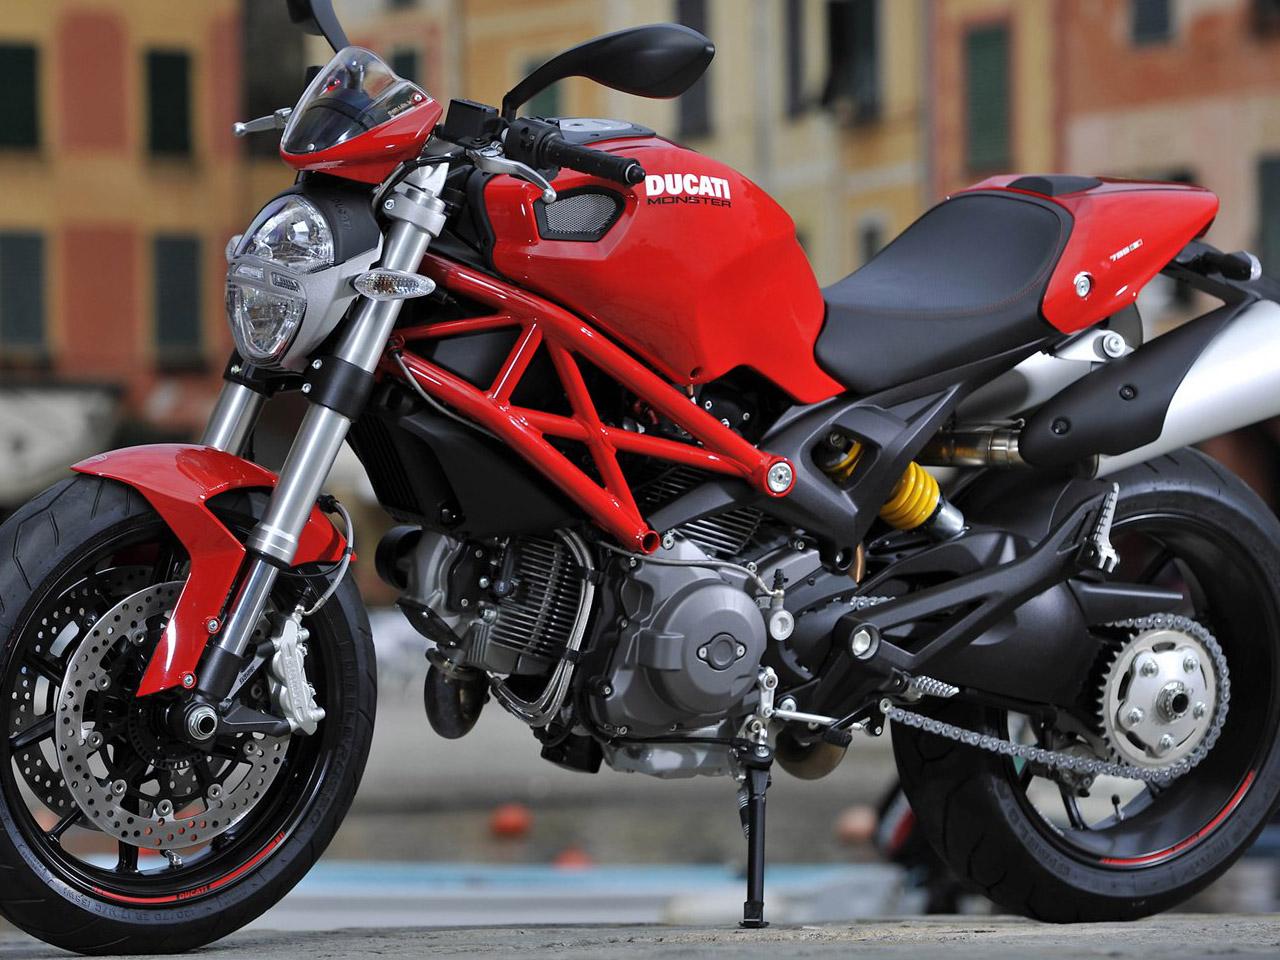 http://3.bp.blogspot.com/_J3_liDBfbvs/S9AZnMIQJfI/AAAAAAAAn-0/fBS5e4NjZ4w/s1600/2011-Ducati-Monster-796-Image.jpg